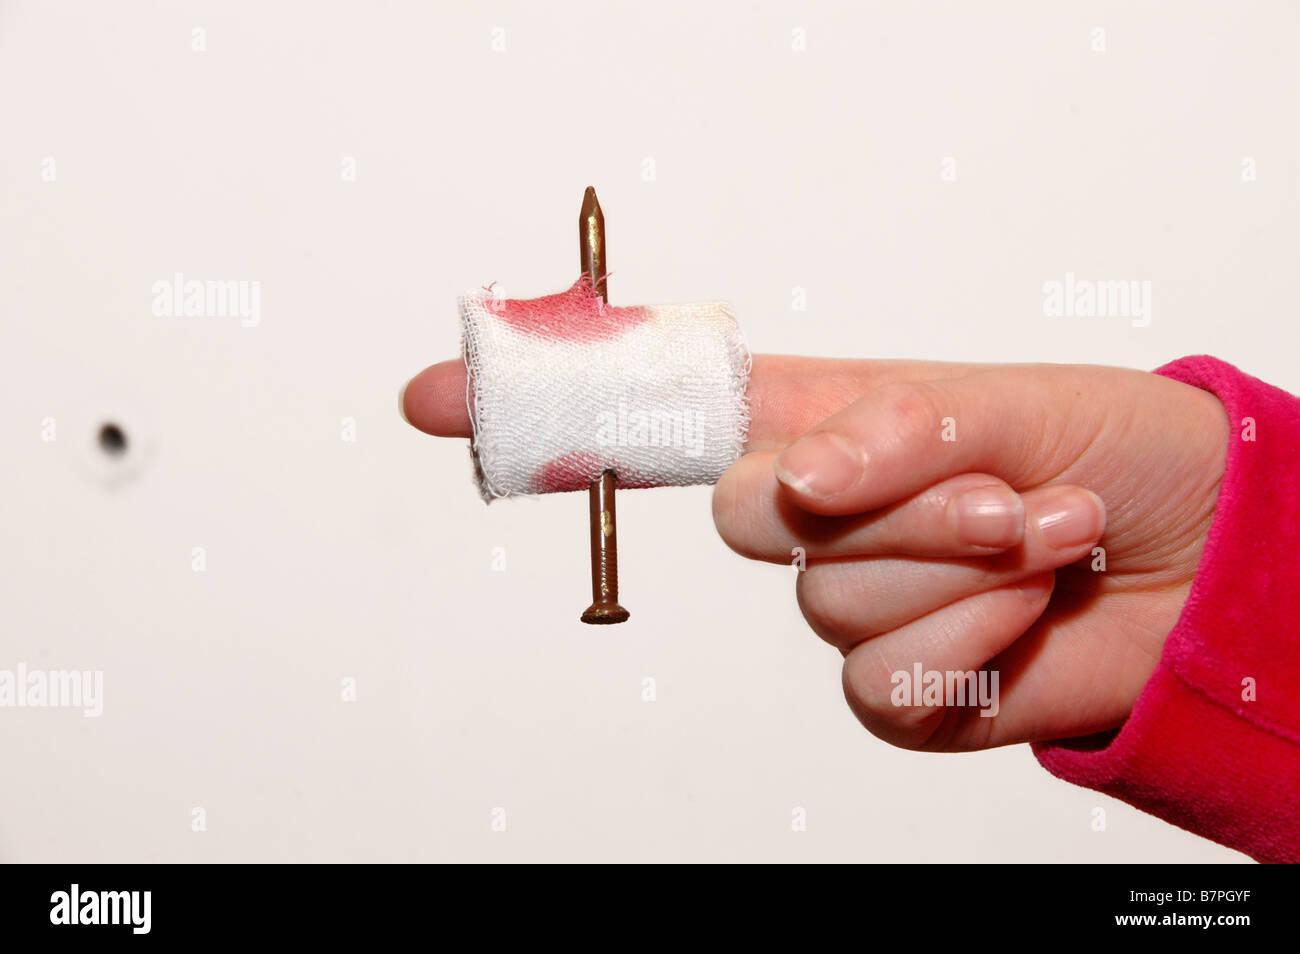 Un doigt de l'enfant avec un faux ongle percé à travers elle et avec un bandage ensanglanté. Photo Stock